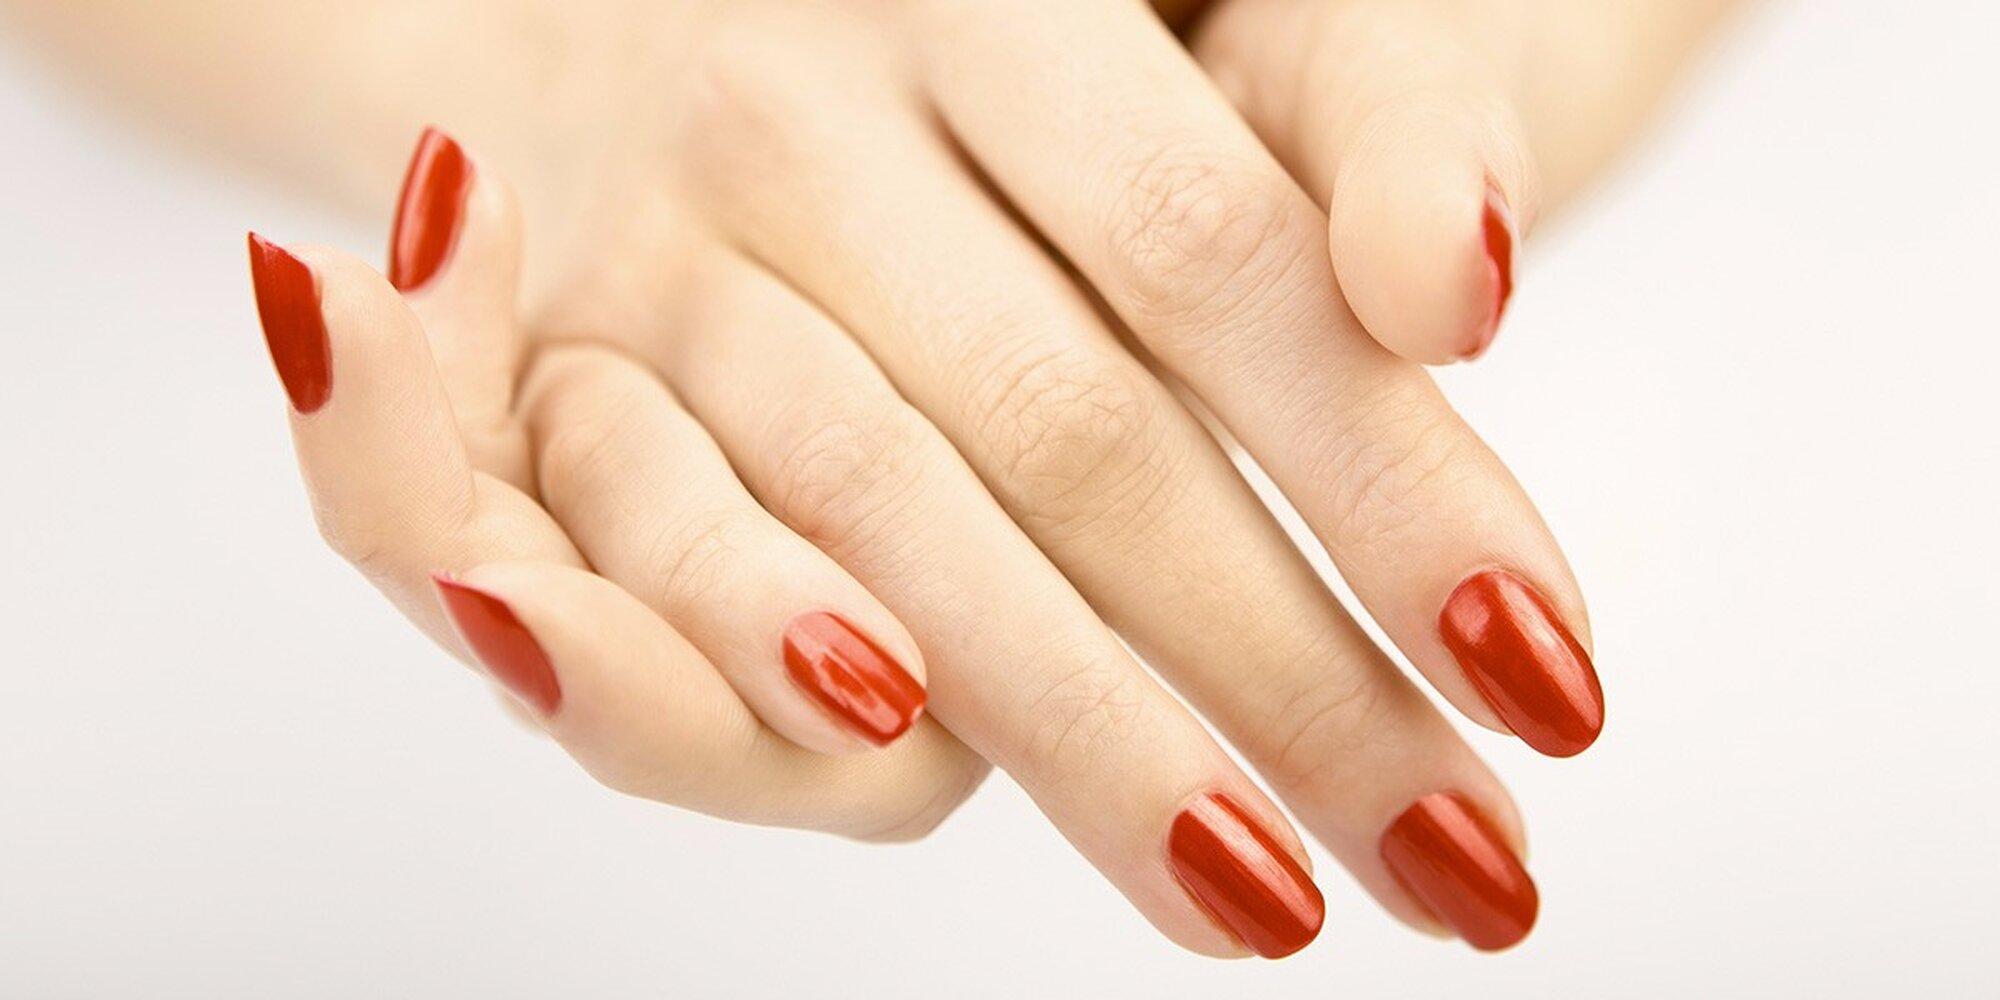 Шеллак для ногтей в домашних условиях поэтапно для начинающих